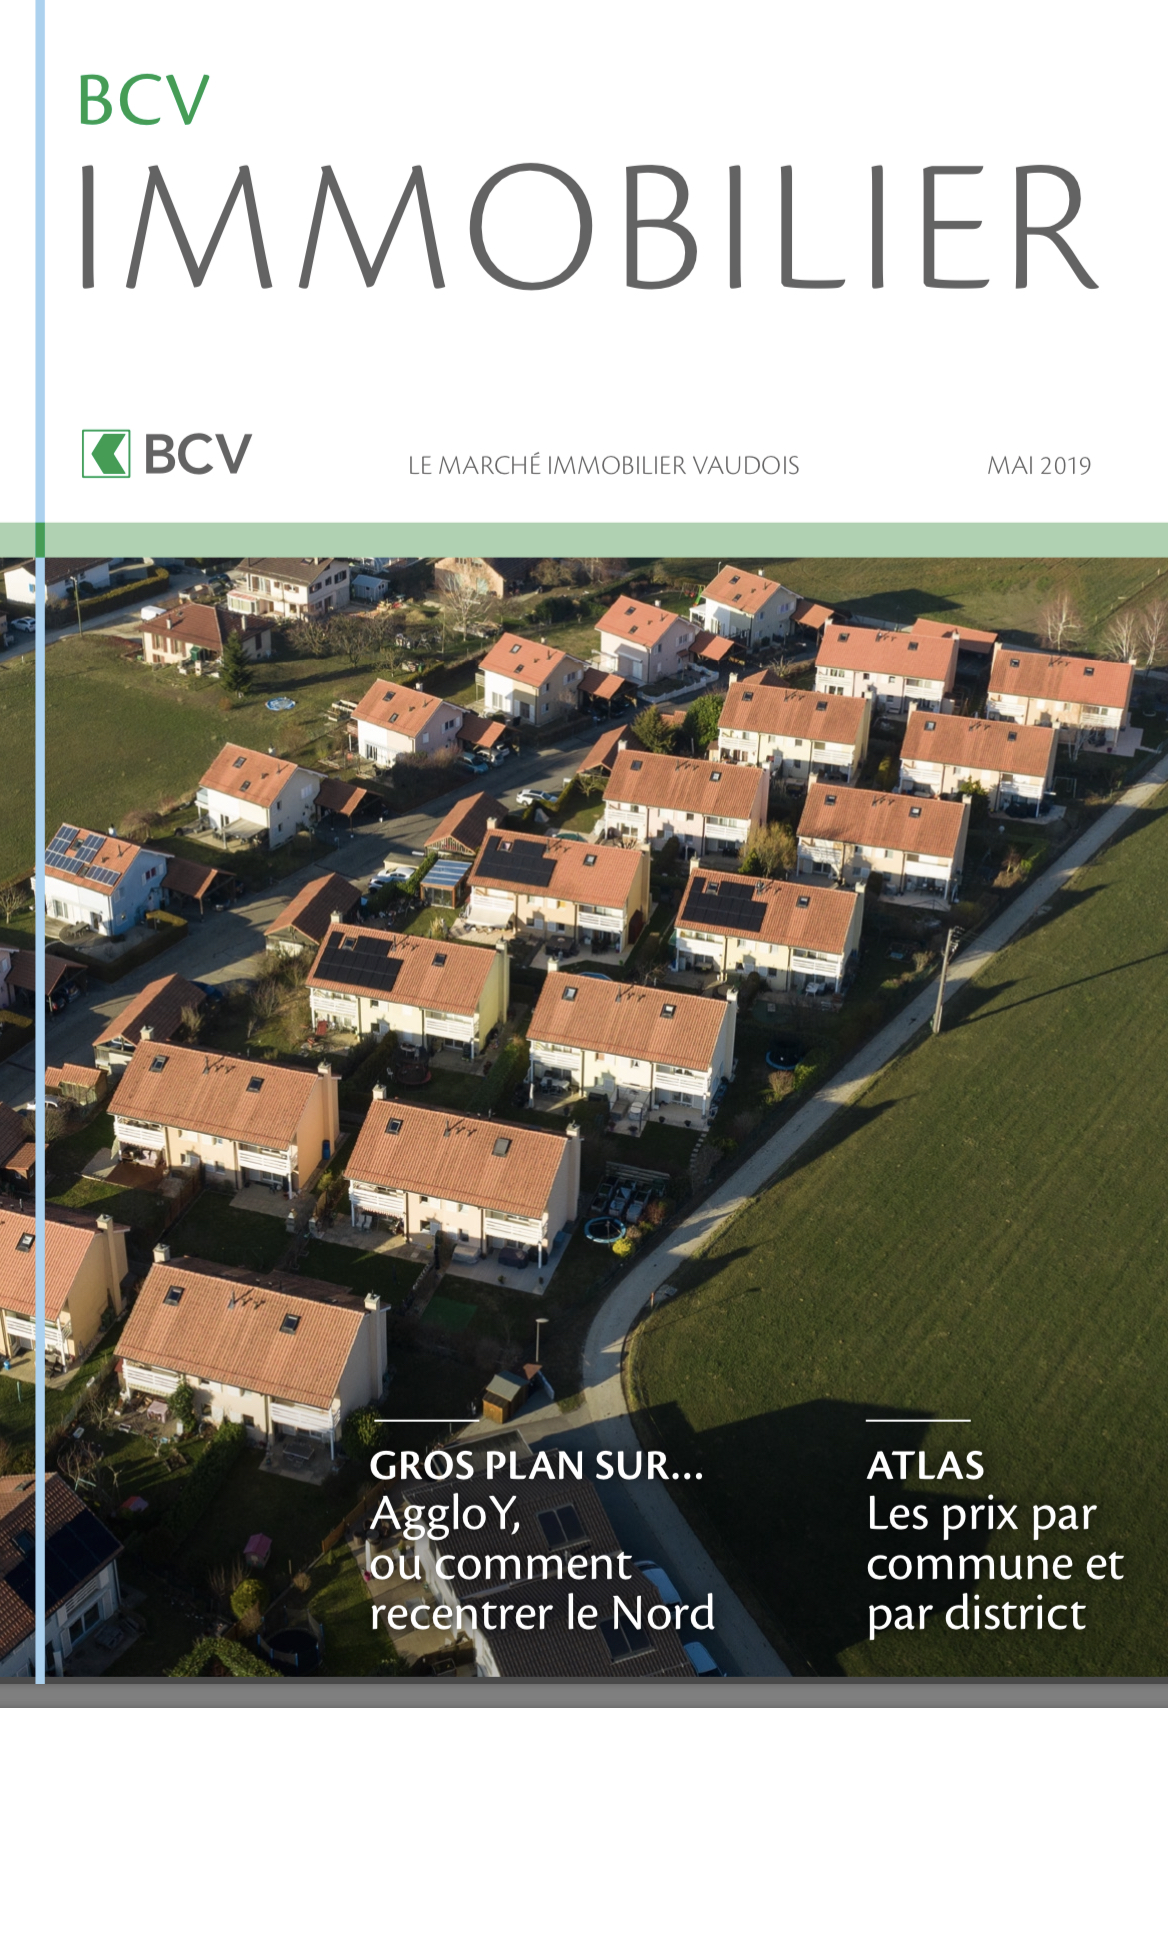 Cliquez sur l'image pour lire l'étude BCV